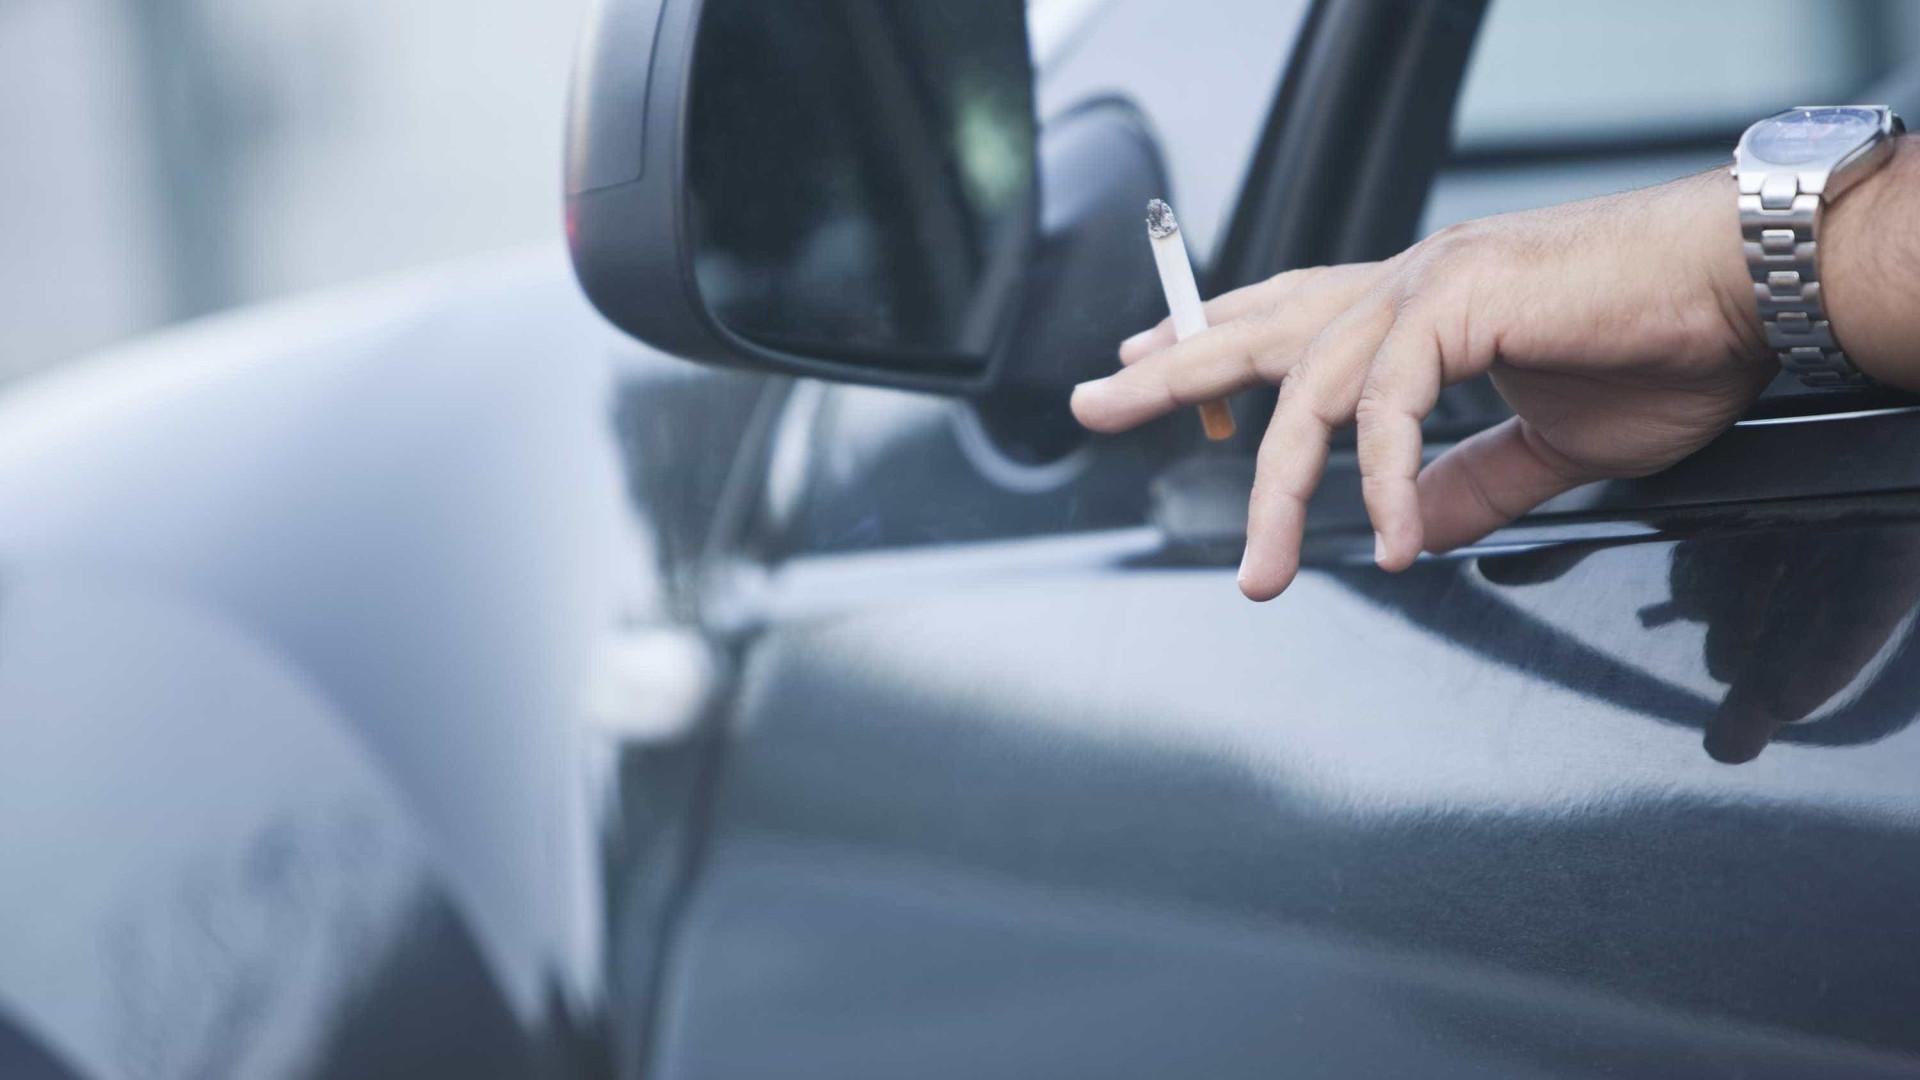 Mais de metade dos condutores fuma dentro do carro